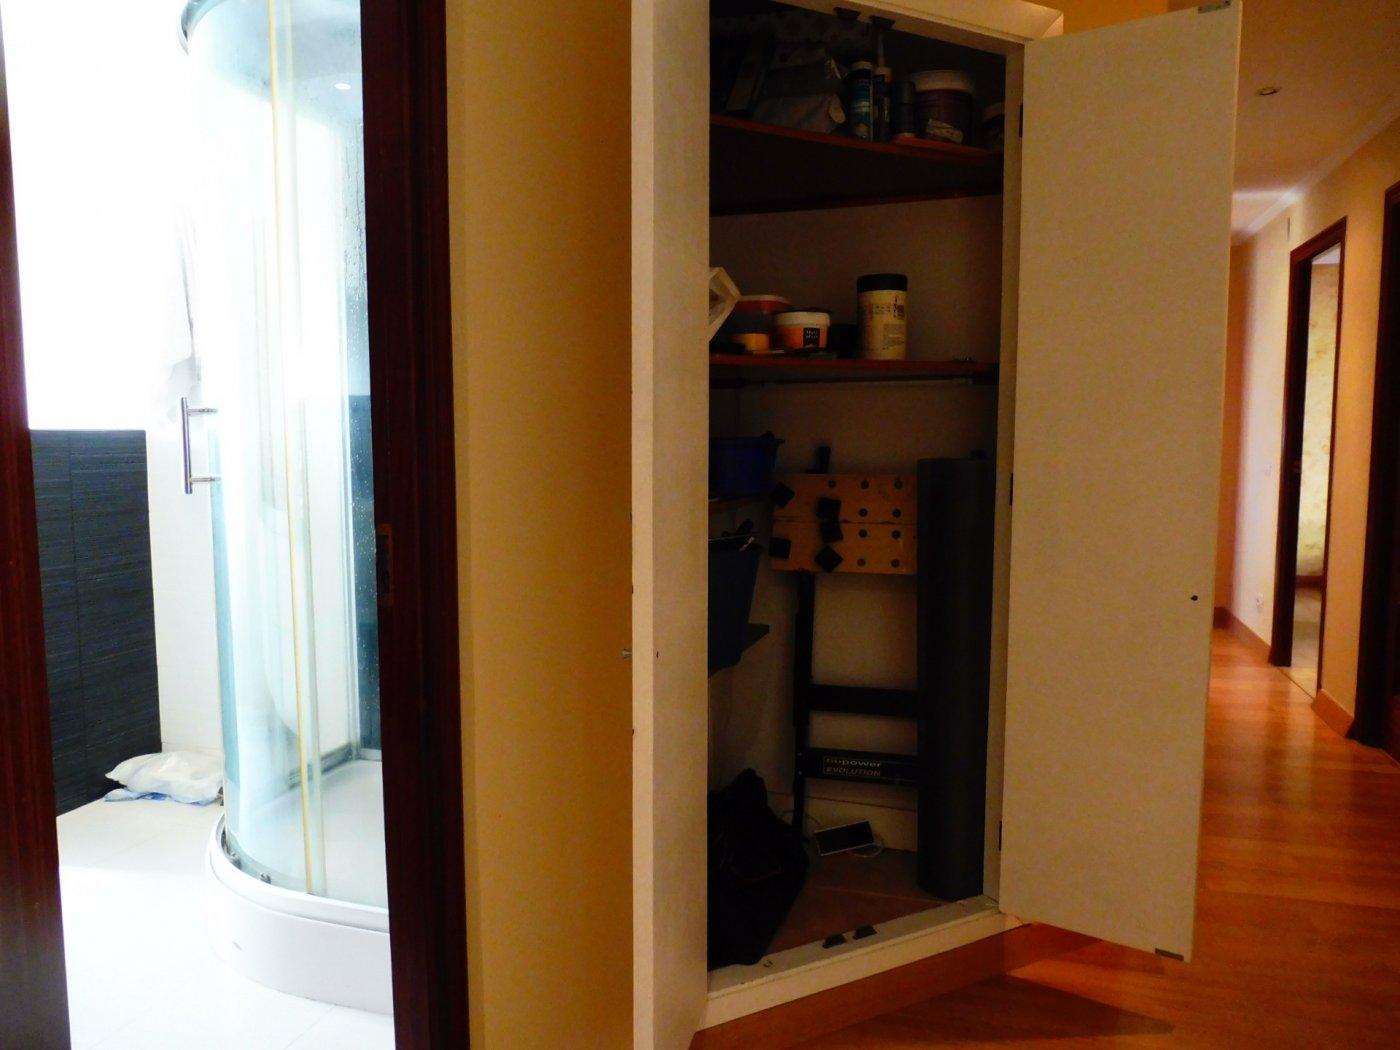 Amplio piso enfrente del centro de salud de perchera en nuevo gijón - imagenInmueble9